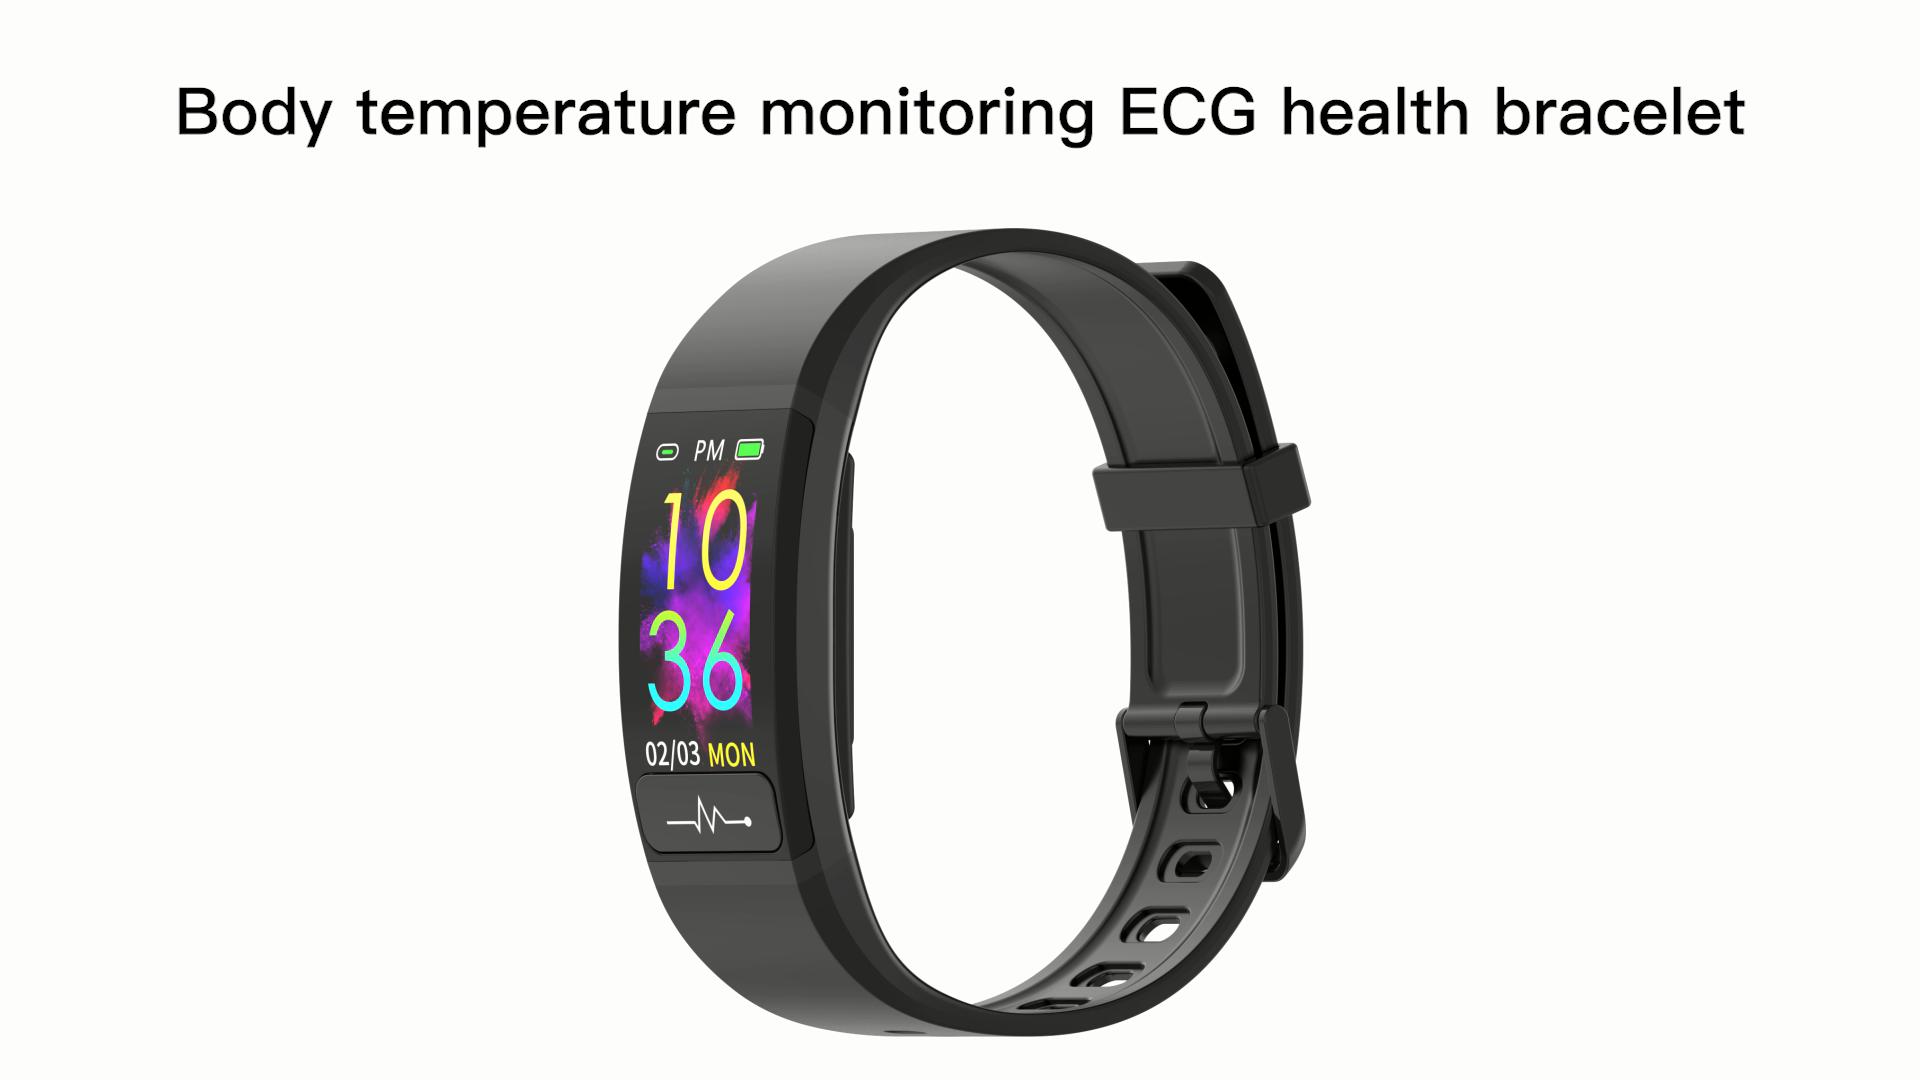 D'ECG PPG de Traqueur De Forme Physique De Moniteur de fréquence Cardiaque bracelet Intelligent moniteur de pression artérielle montre intelligente de sport votre santé steward